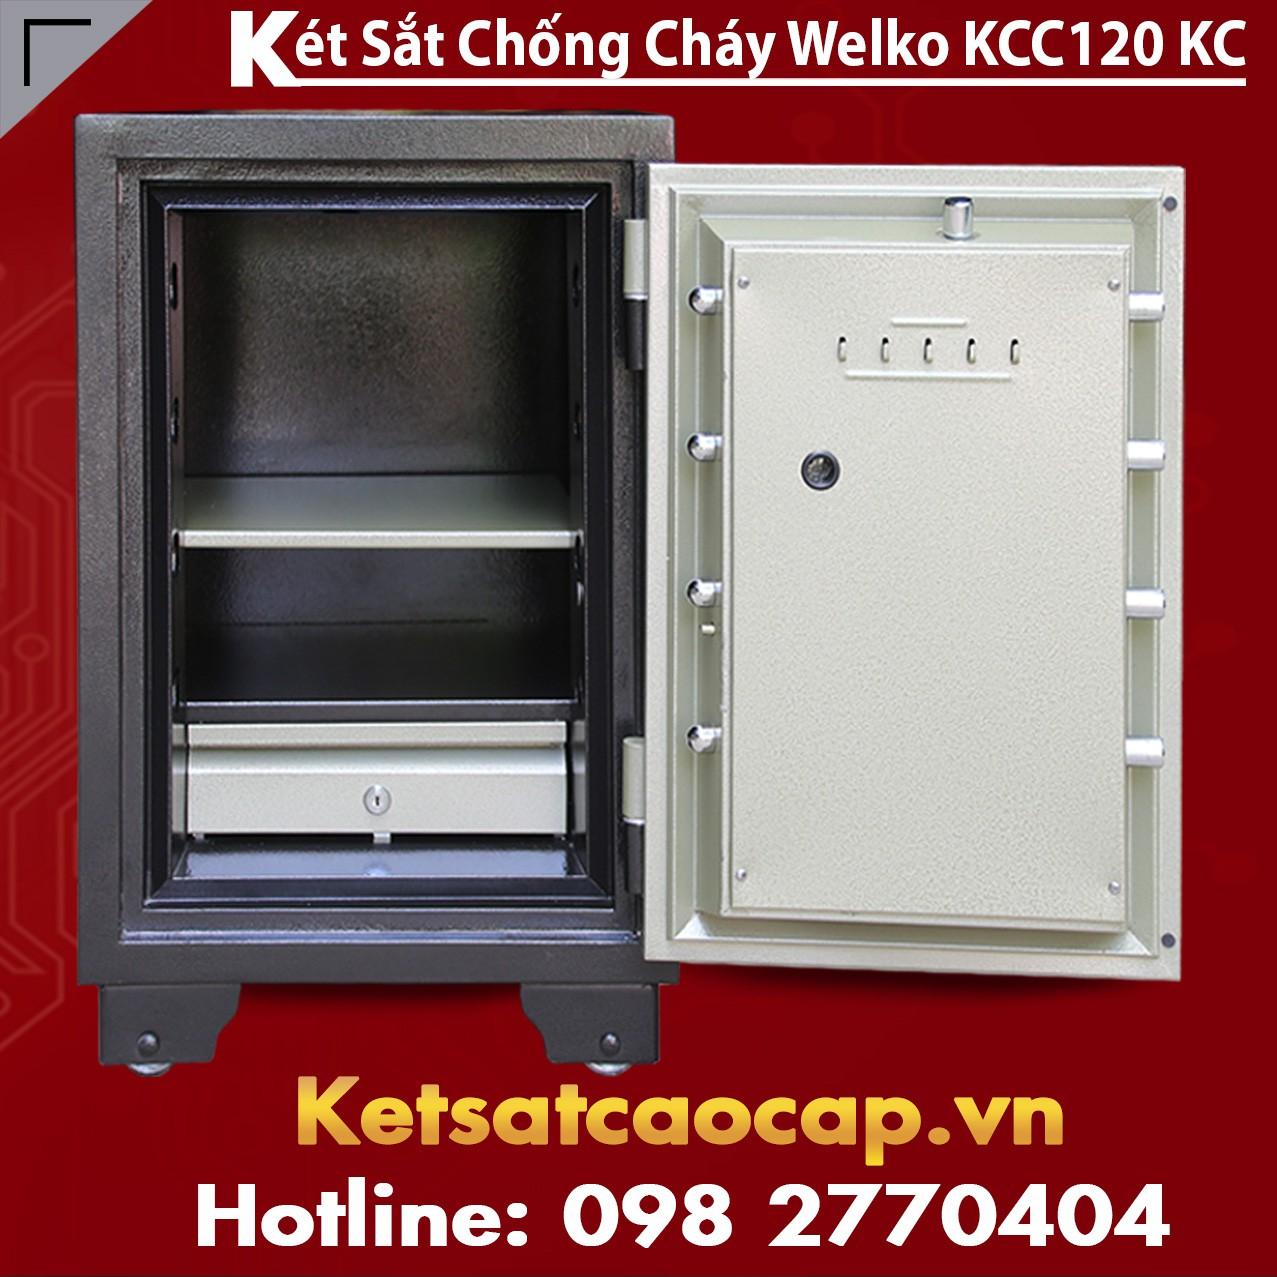 Két Sắt Chống Cháy KCC 120 - KC